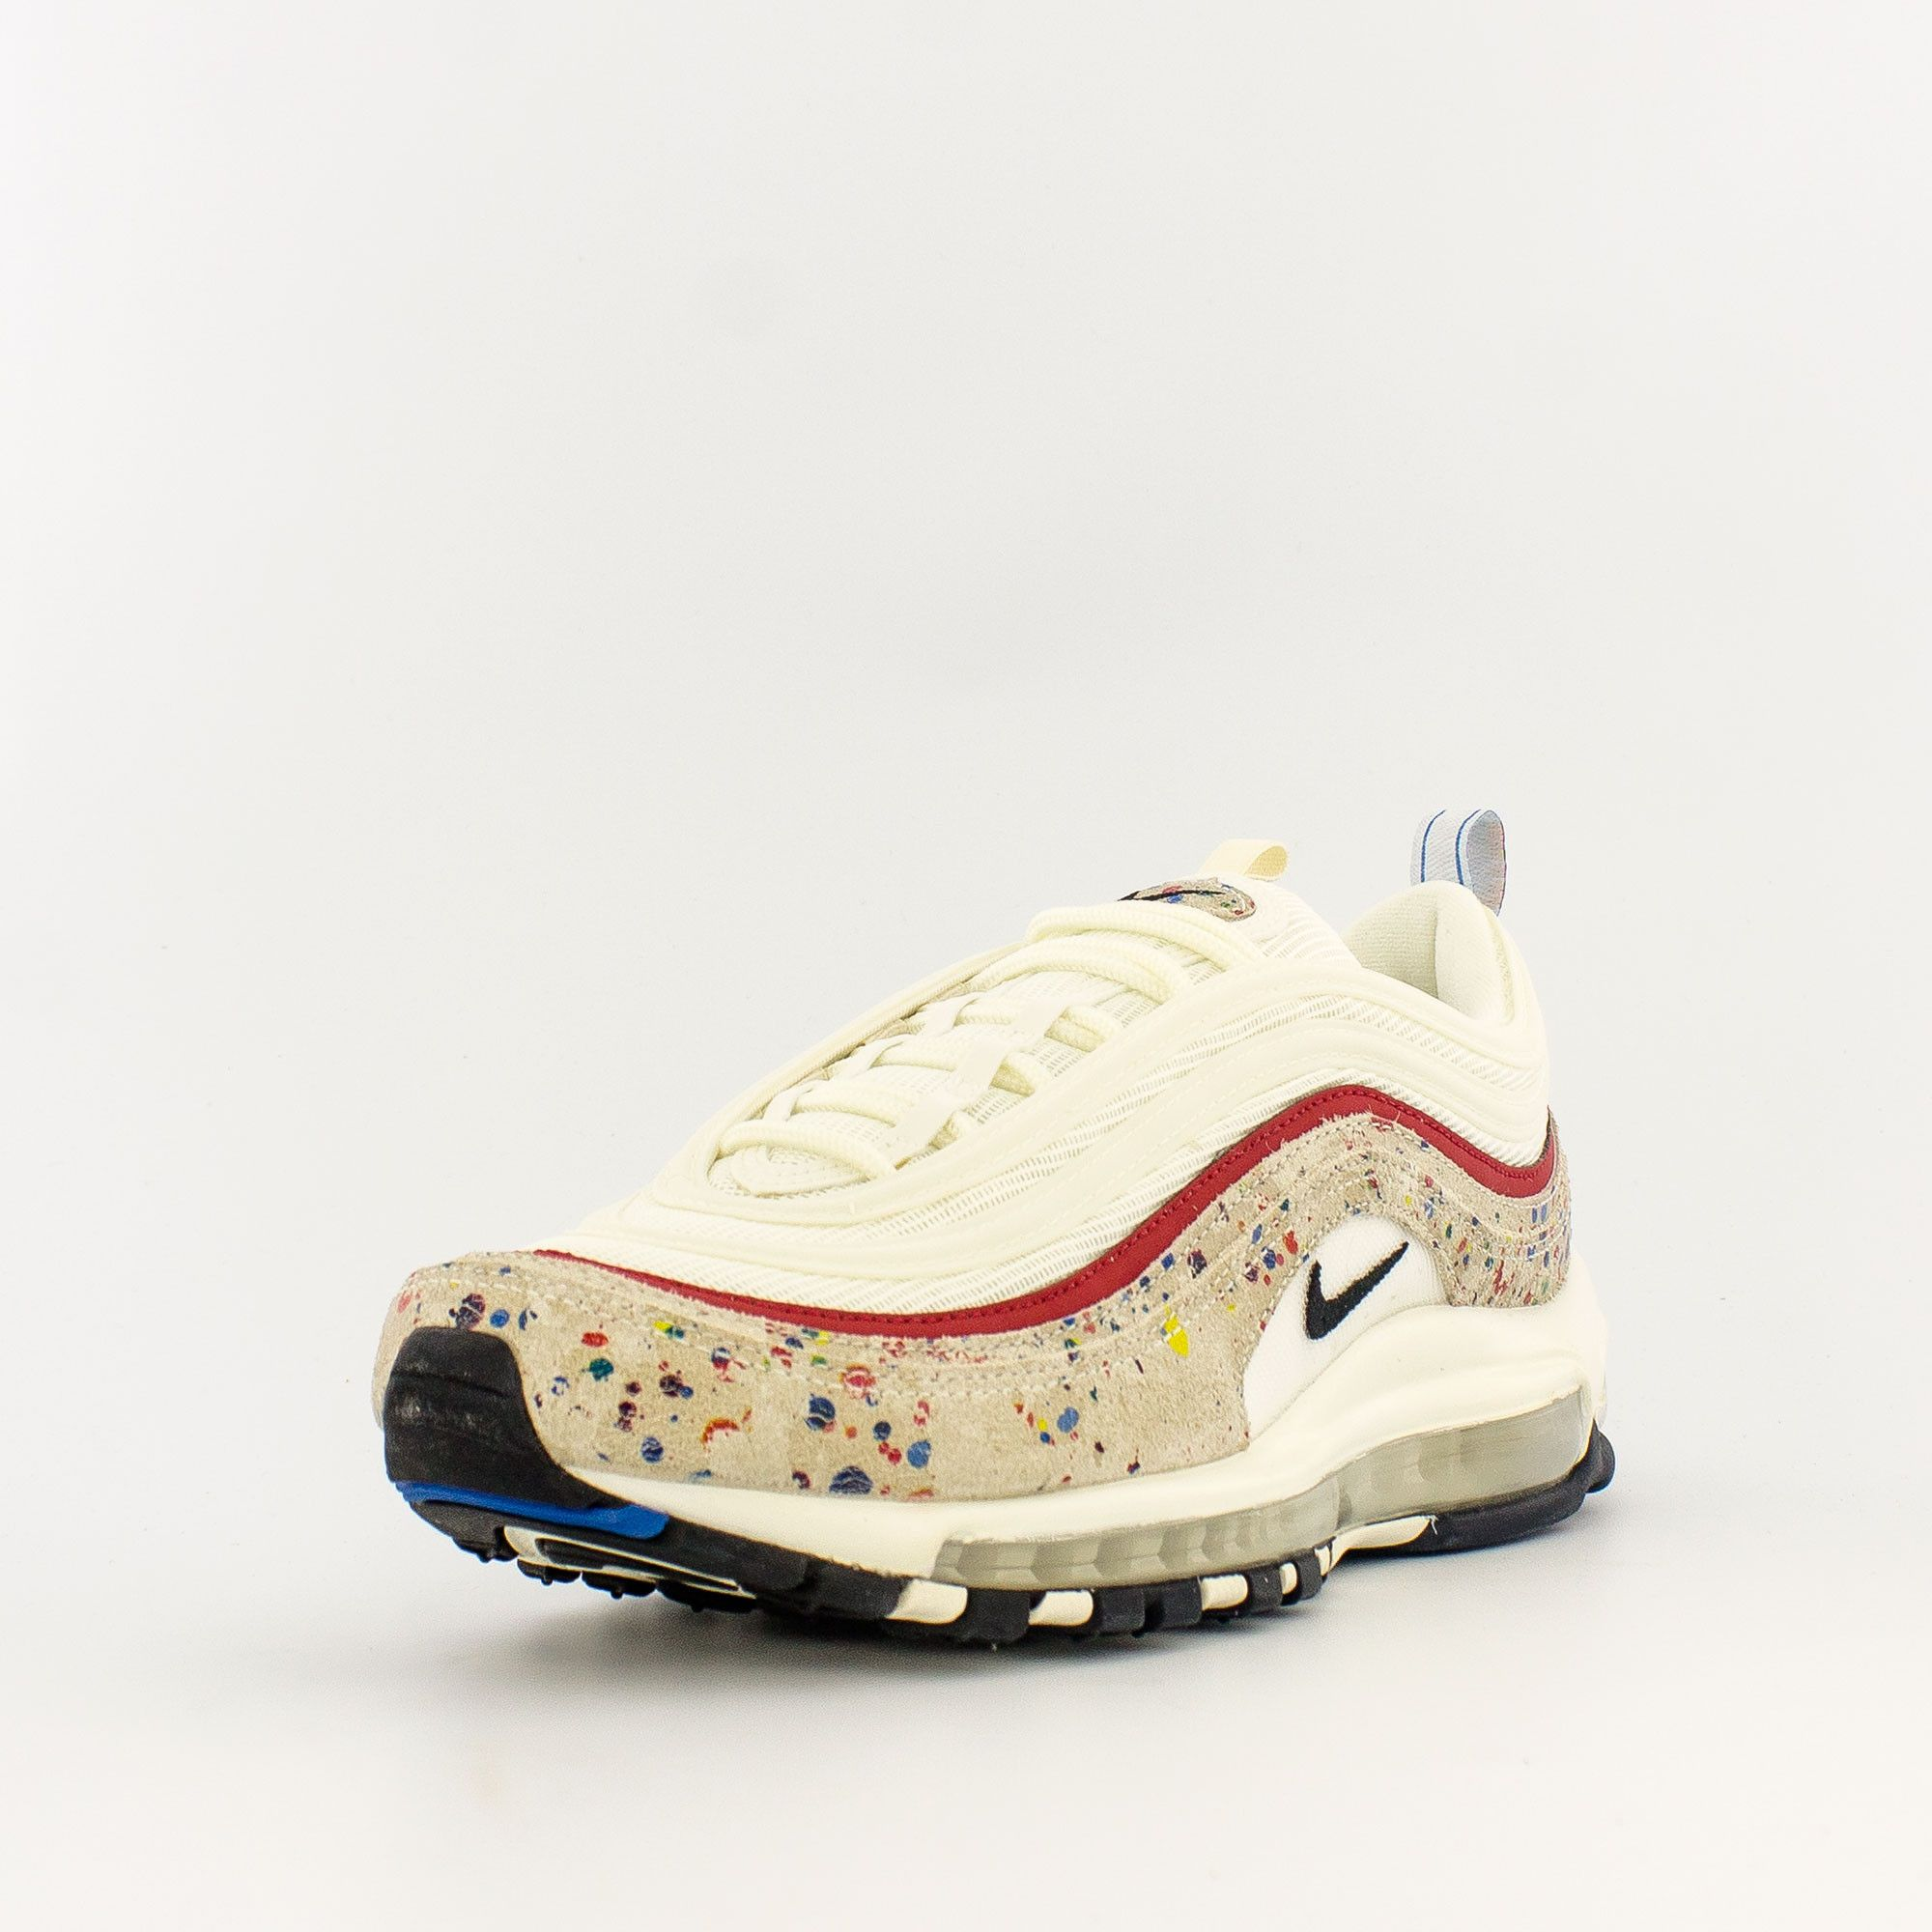 59830fa596 Nike Air Max 97 Premium